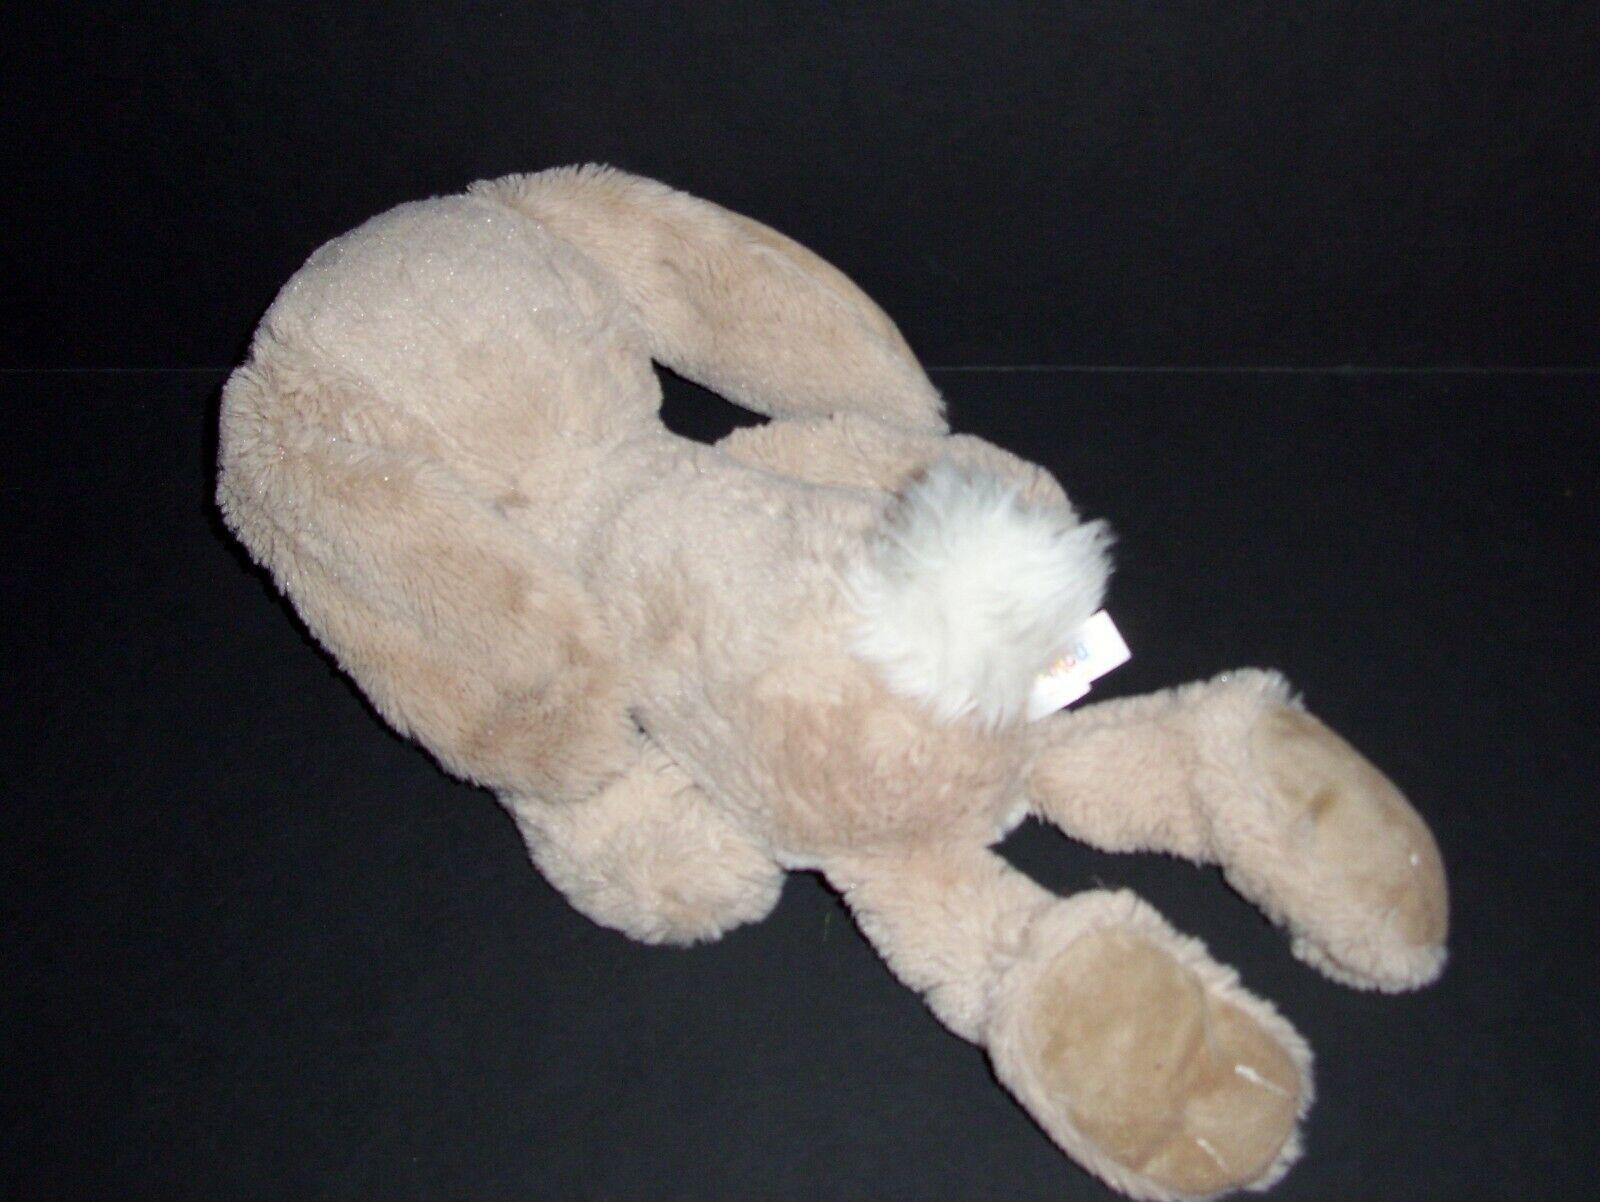 16  Circo Tan Bunny Rabbit Plush Cream White White White Pink Nose Stuffed Animal Toy Soft f61e9d